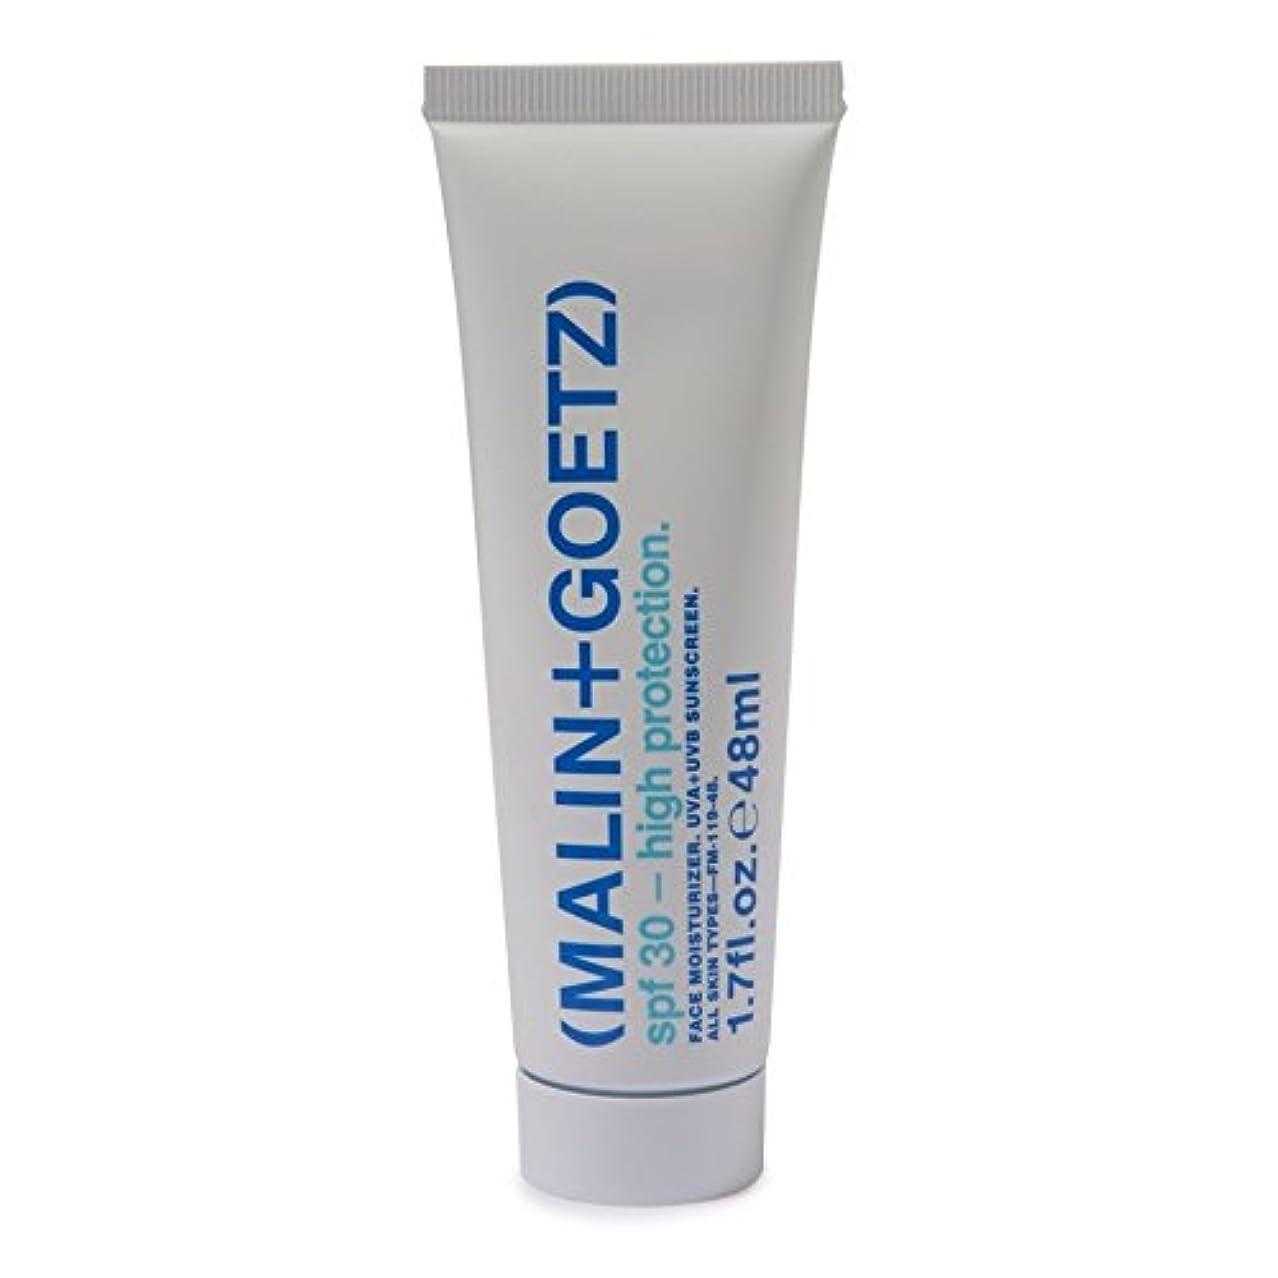 フルーツコーヒーコーヒーマリン+ゲッツ顔の保湿剤の 30 48ミリリットル x4 - MALIN+GOETZ Face Moisturiser SPF 30 48ml (Pack of 4) [並行輸入品]